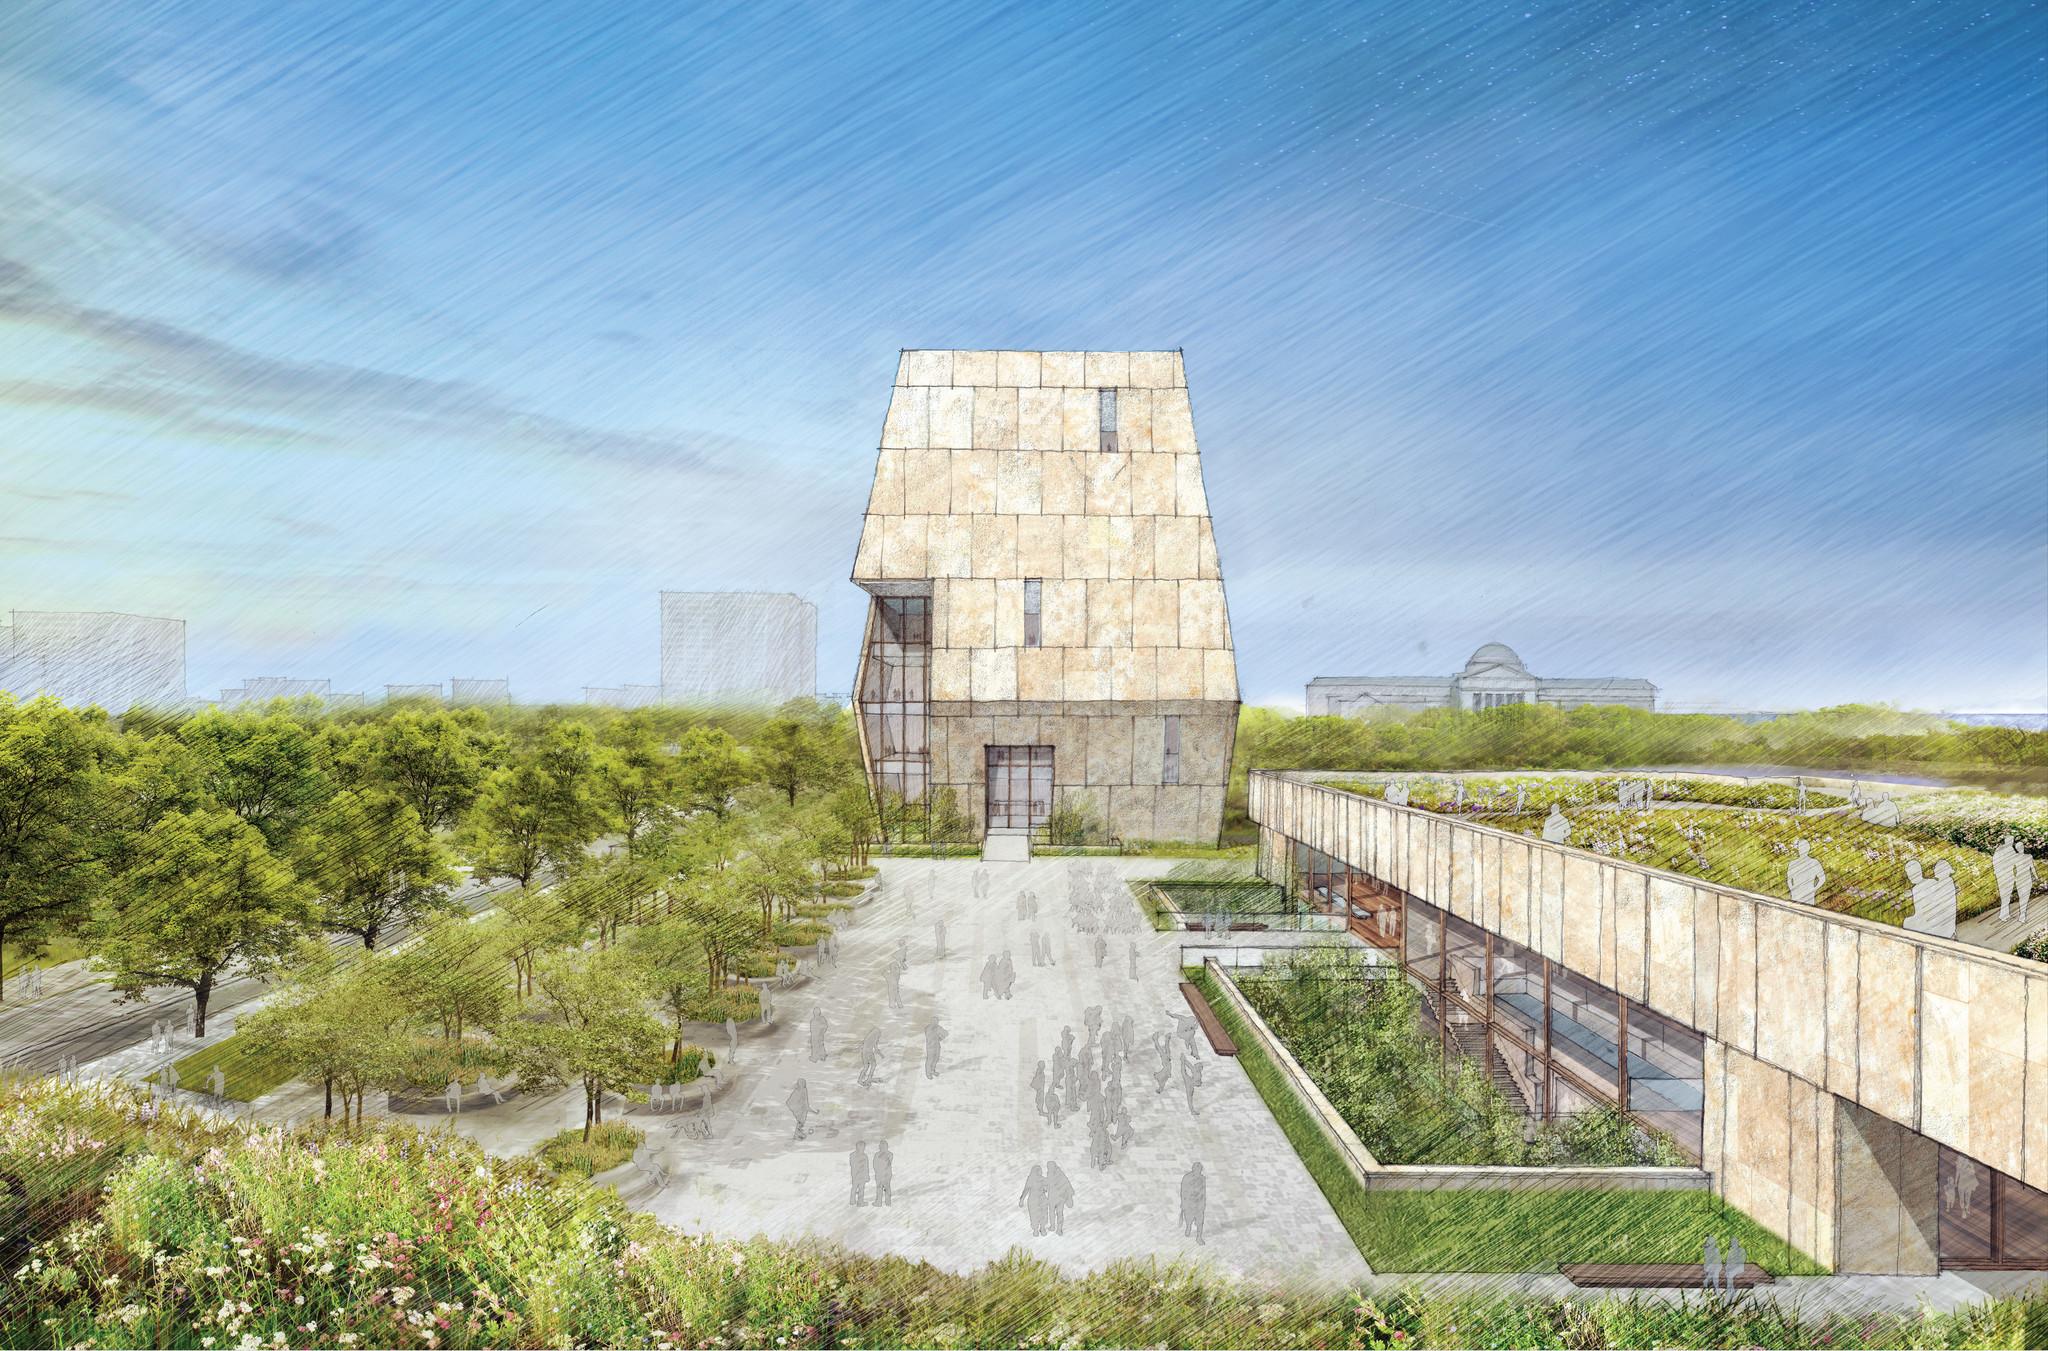 obamas unveil design of center in chicago chicago tribune